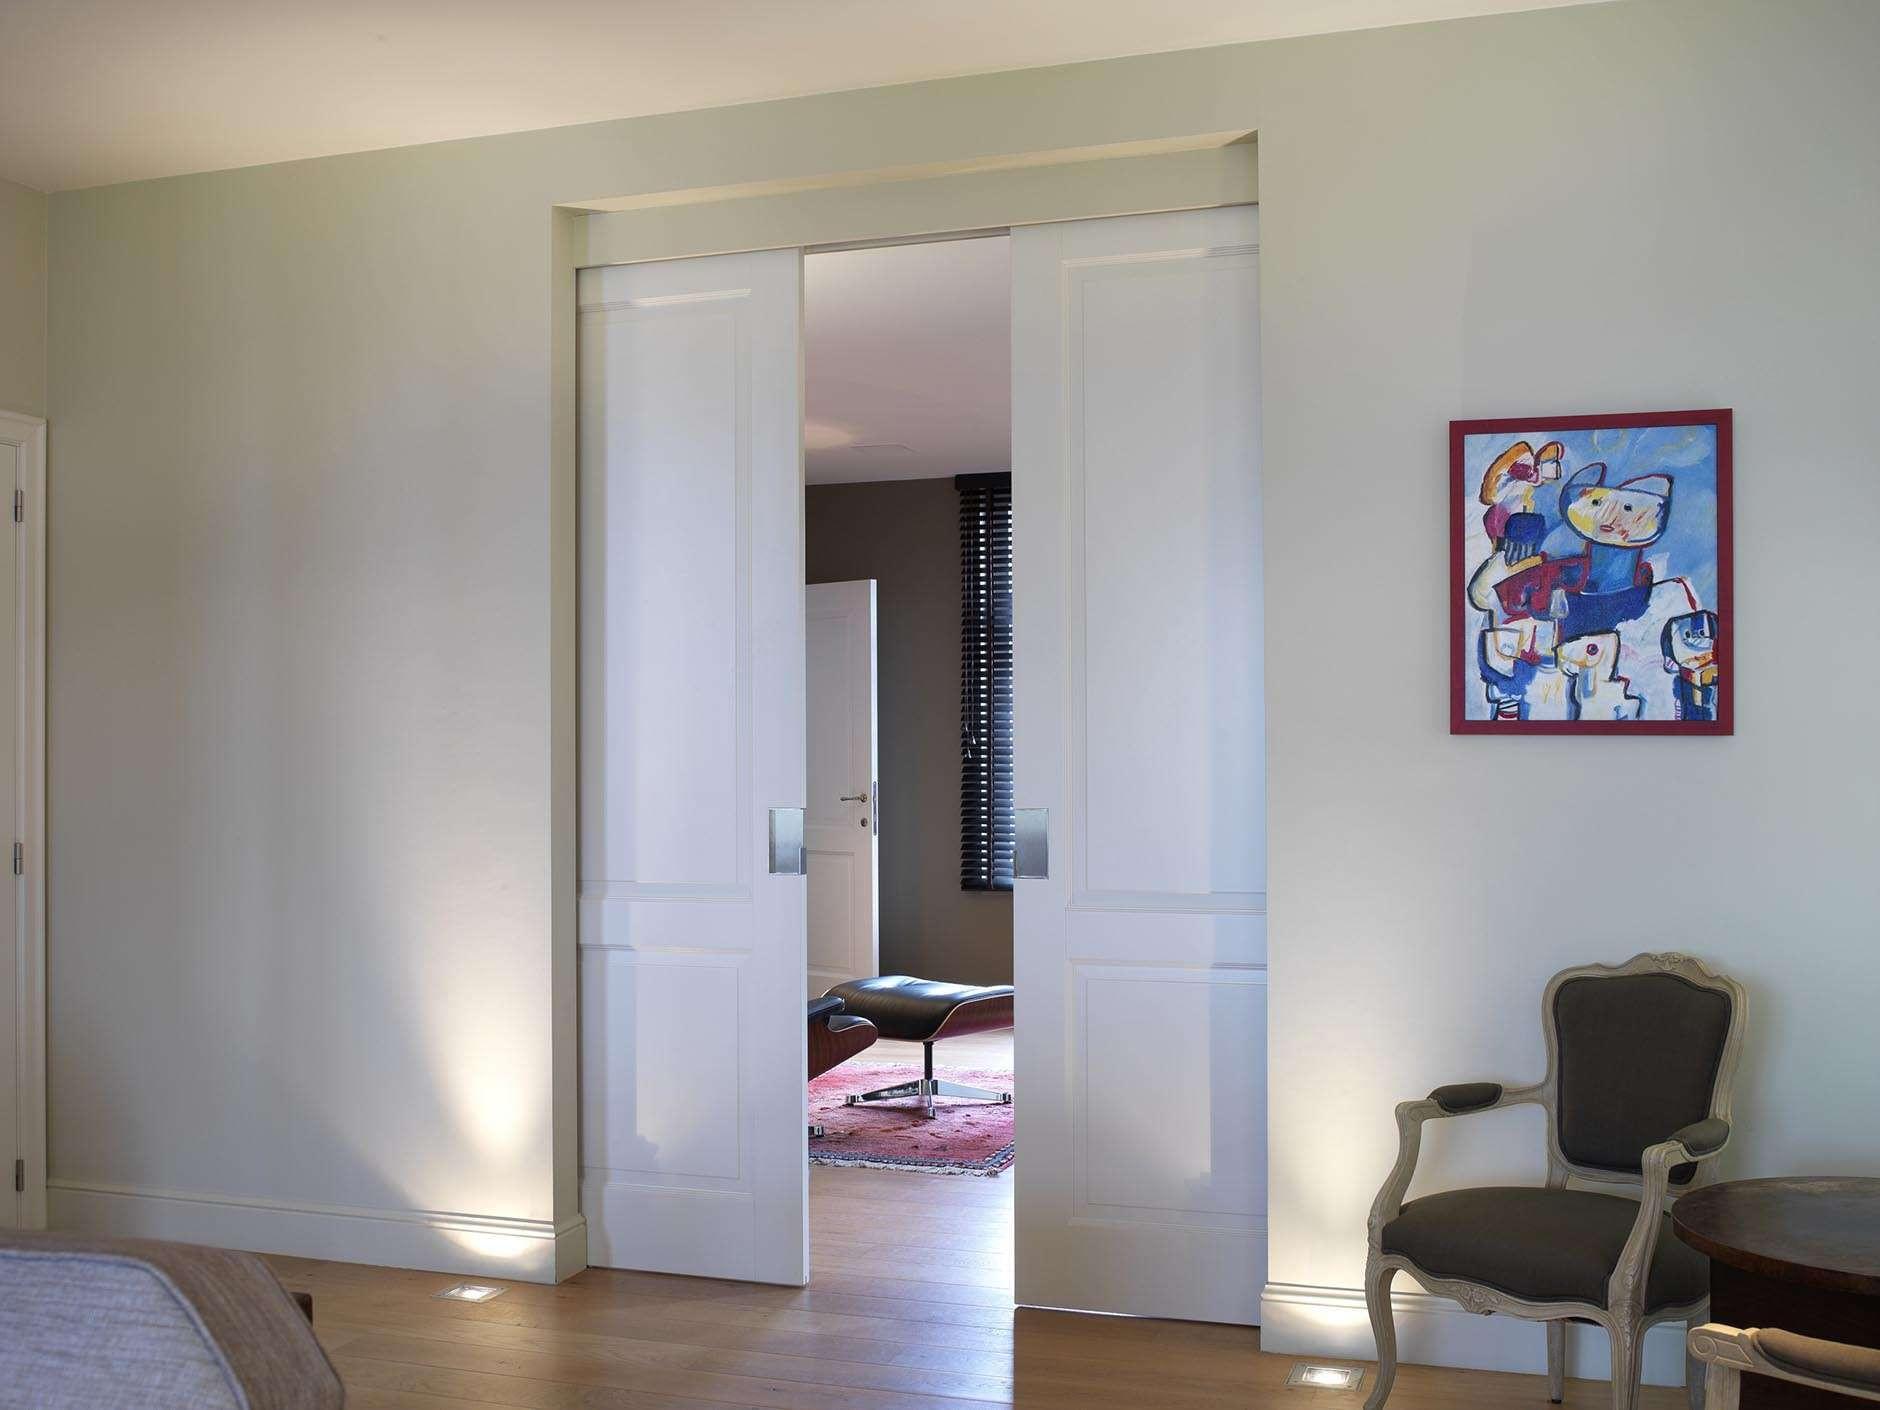 dubbele-schuifdeur-stijlvol-interieur